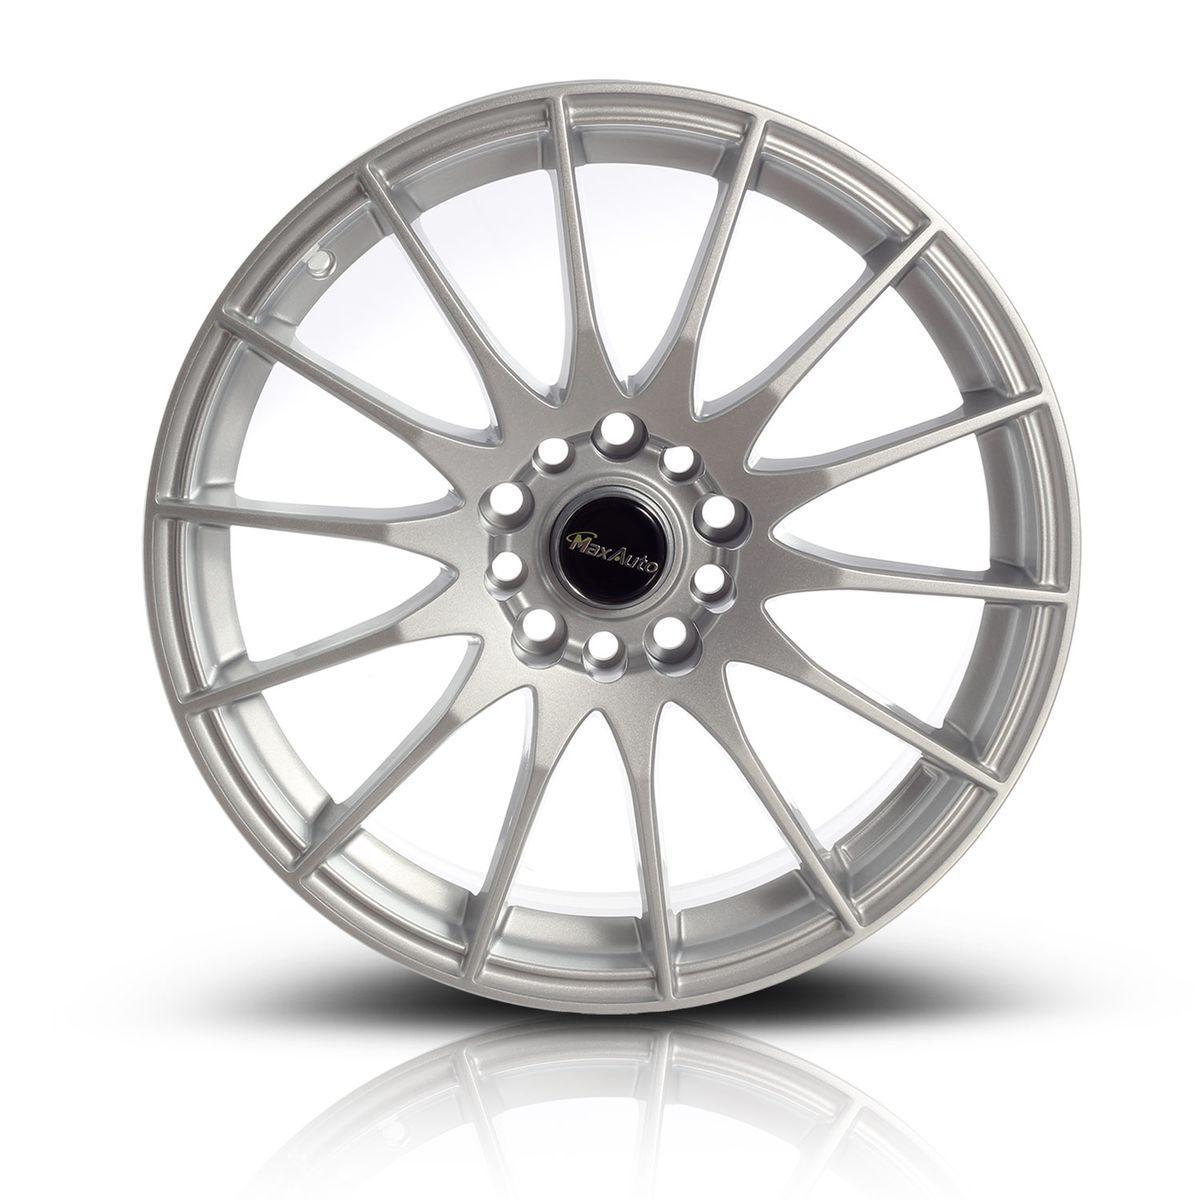 1 pcs 17 wheels 17x7 5 5x110 5x115 73 1 40 mm offset rims for jeep Toyota Sienna description